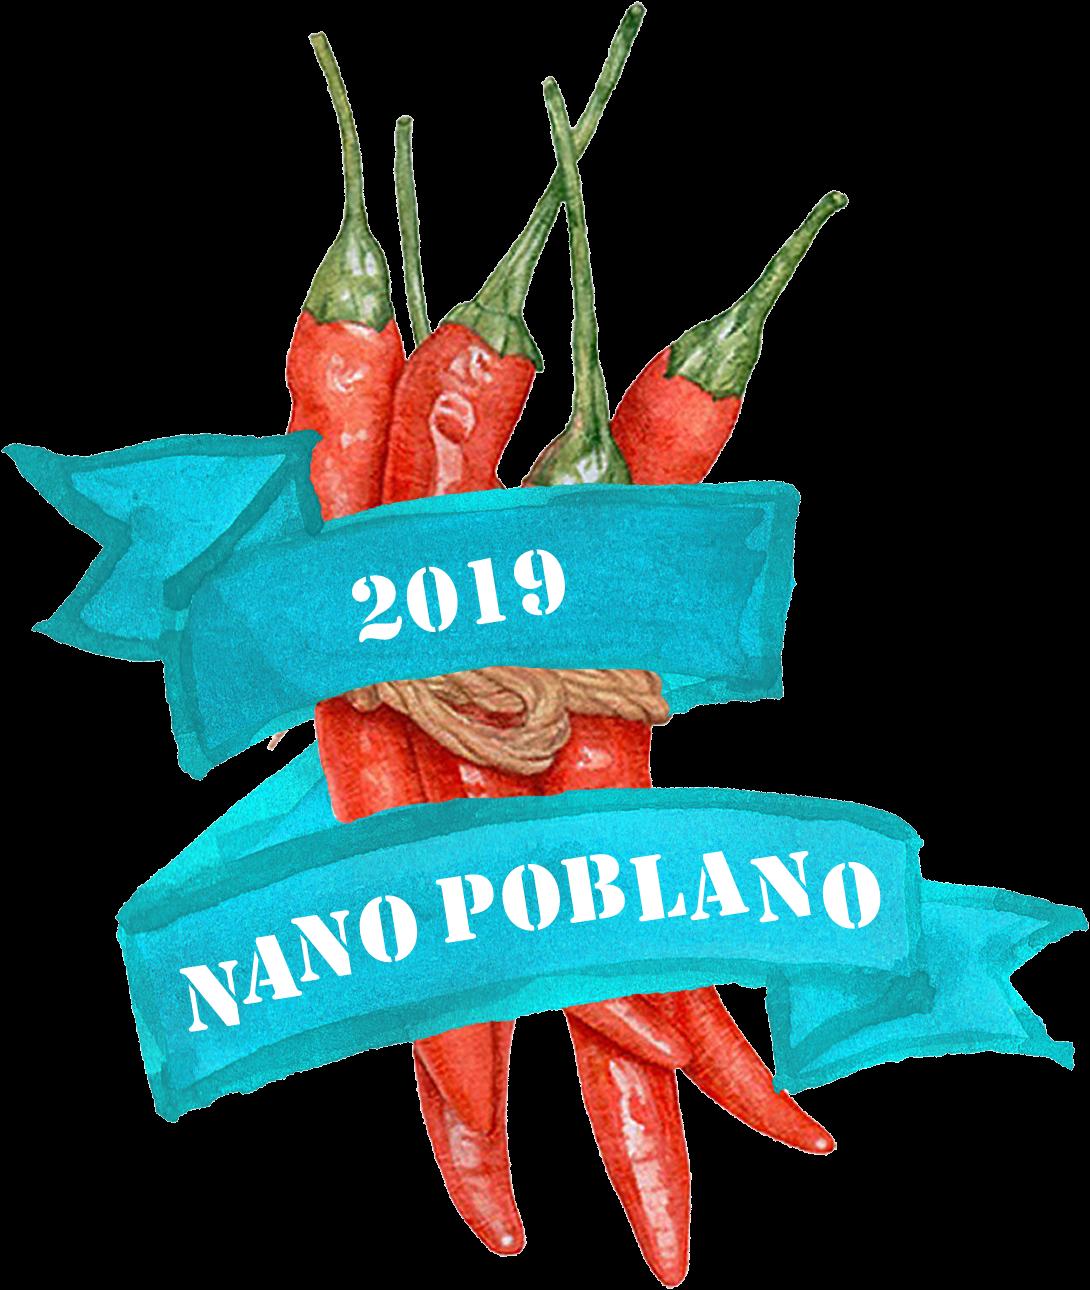 NaNoPoblano Badge